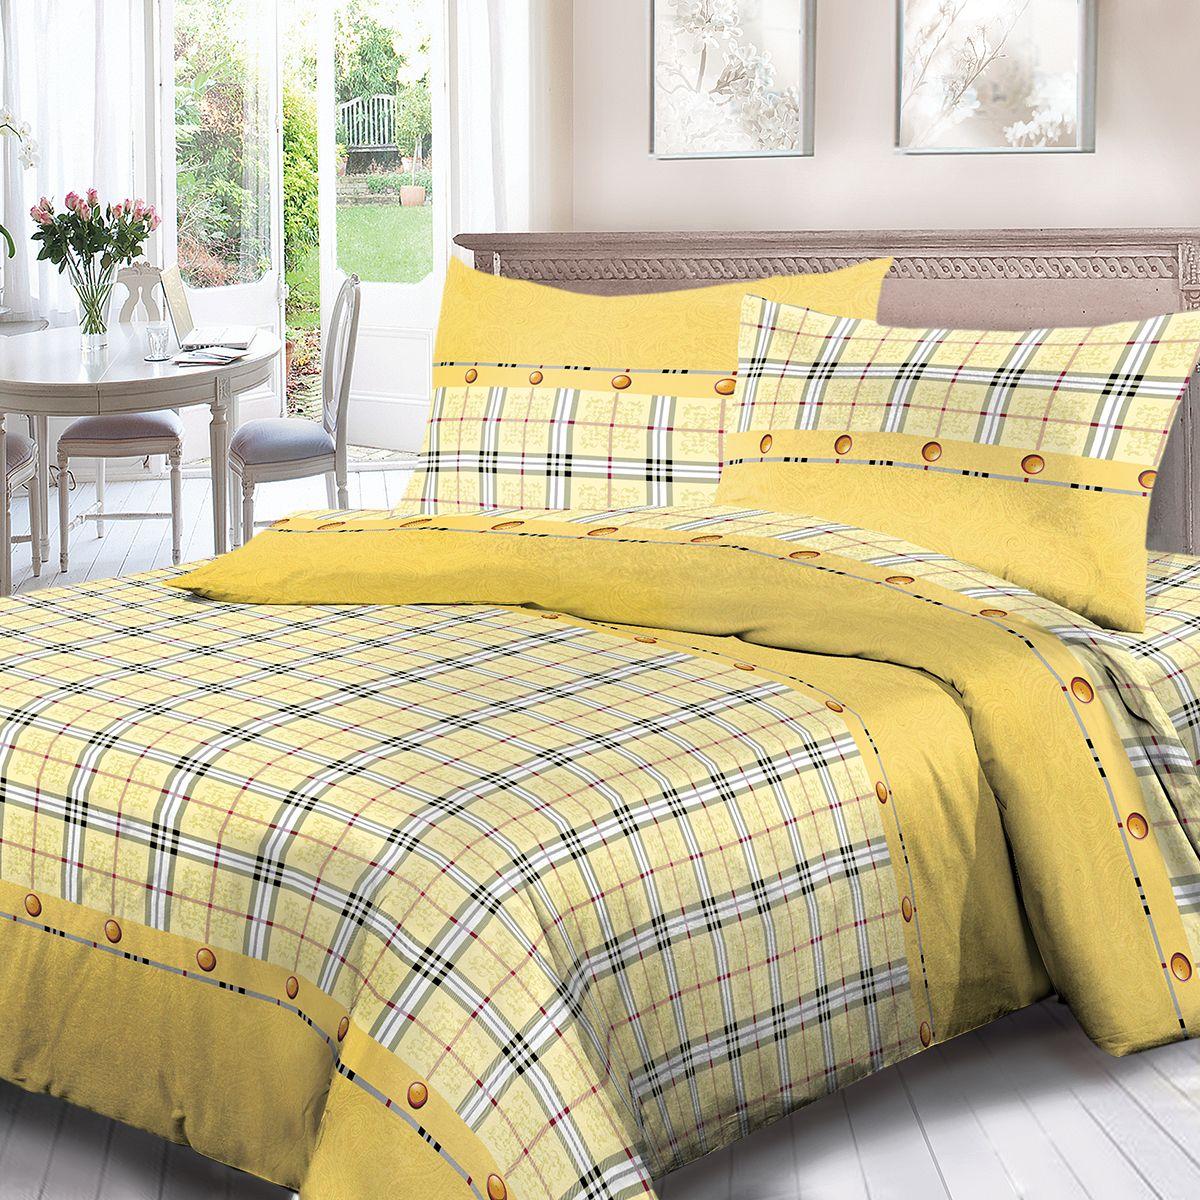 Комплект белья Для Снов Килт, семейный, наволочки 70x70, цвет: желтый. 1909-182005